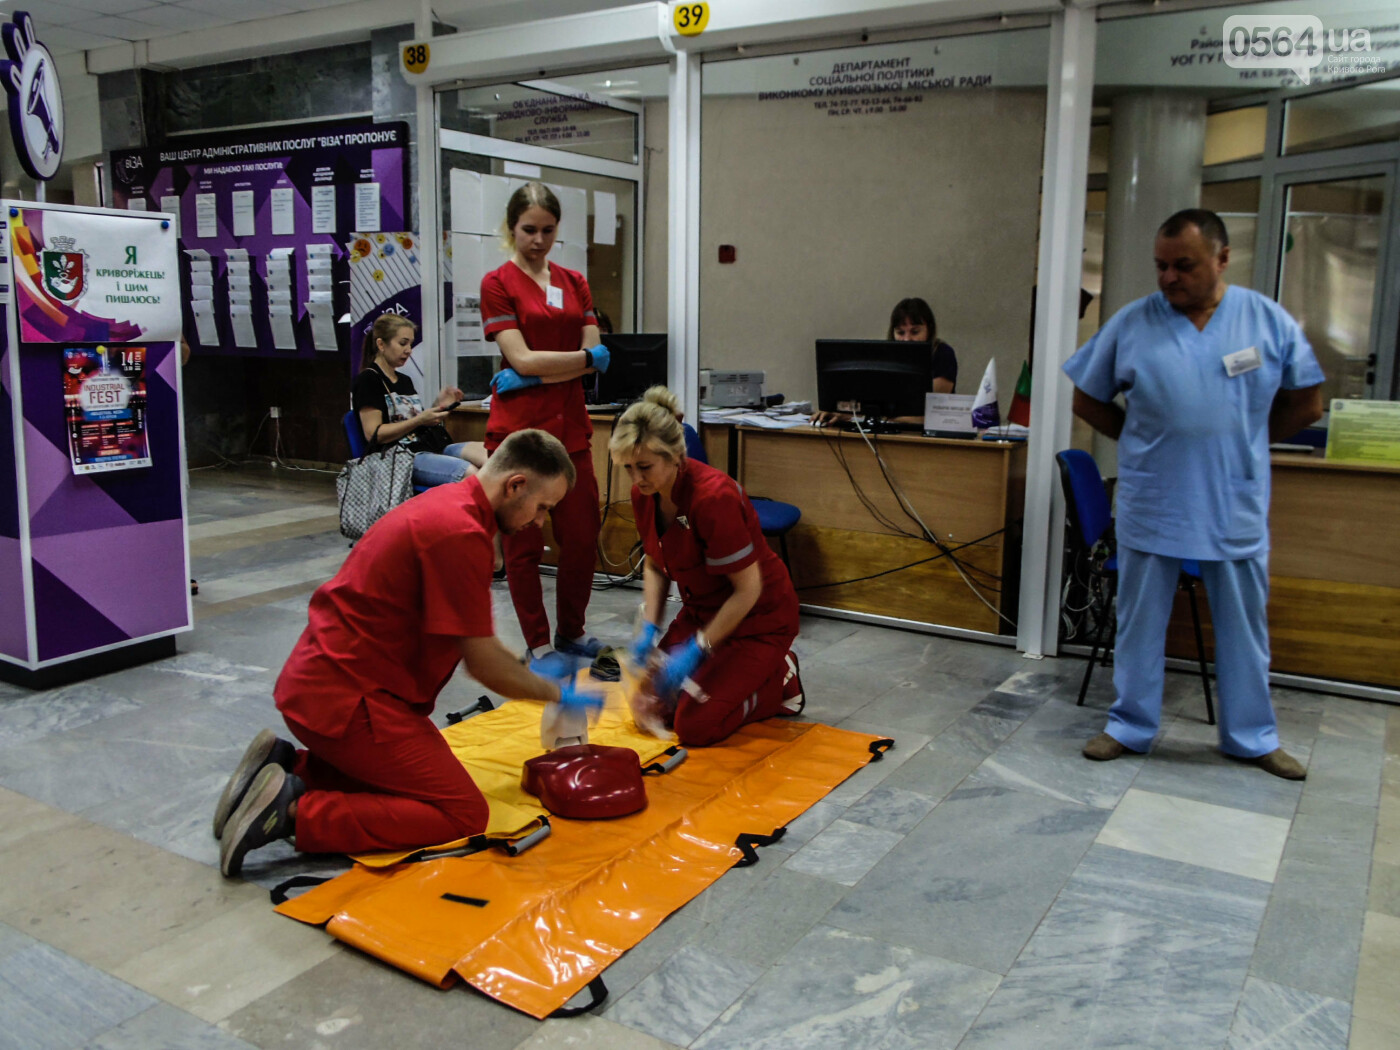 В Криворожском горисполкоме обучали оказывать людям первую медицинскую помощь, - ФОТО, ВИДЕО , фото-13